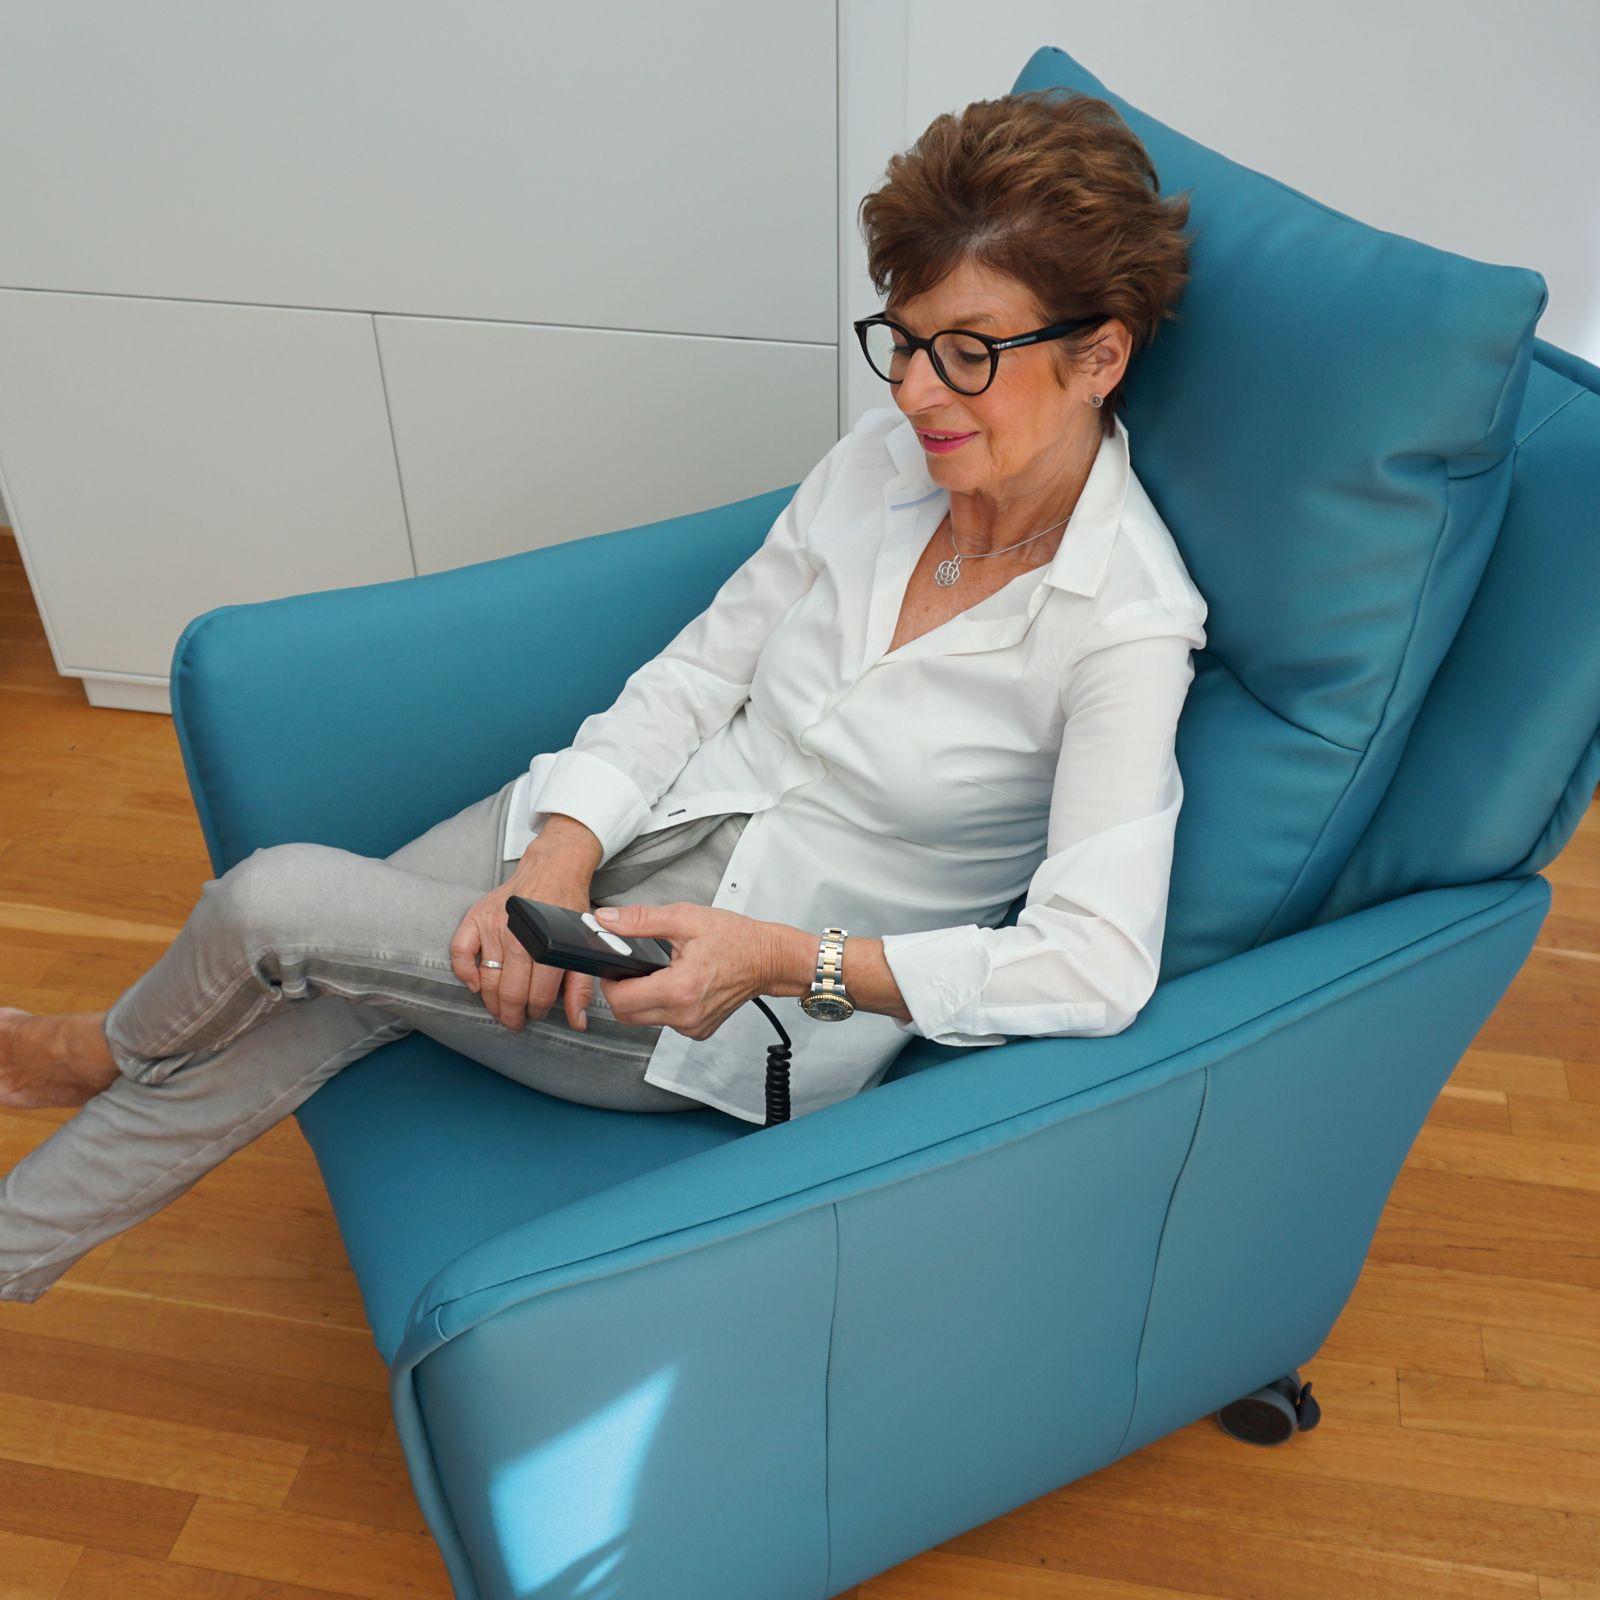 Full Size of Liegesessel Verstellbar Ikea Elektrisch Garten Liegestuhl Verstellbare Der Verstellbarer Relaxsessel Mit Schlaffunktion Aus Unserer Sofa Sitztiefe Wohnzimmer Liegesessel Verstellbar